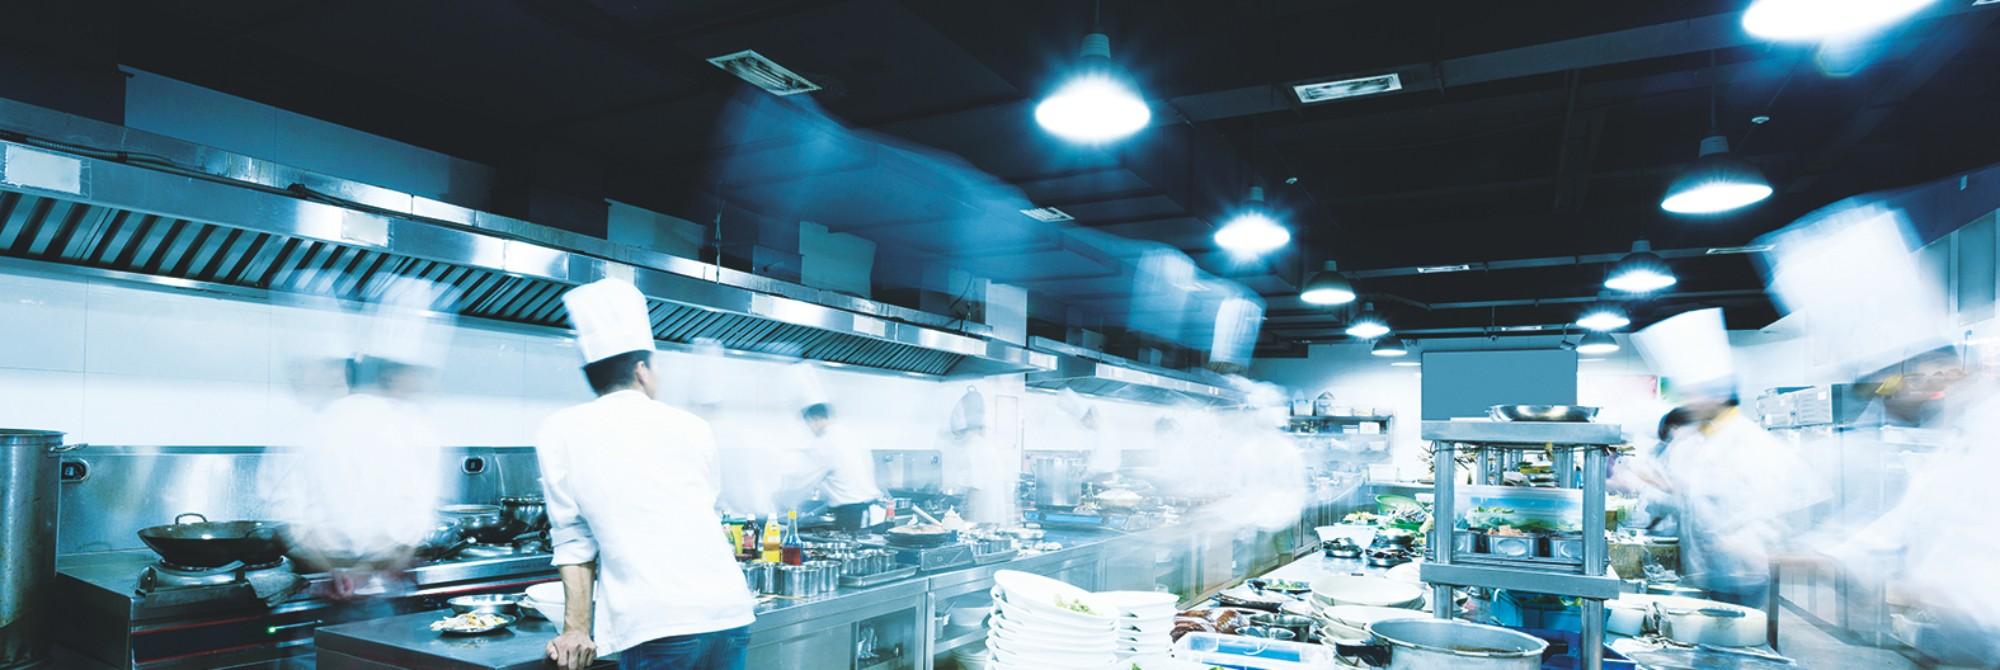 cuisines_inox